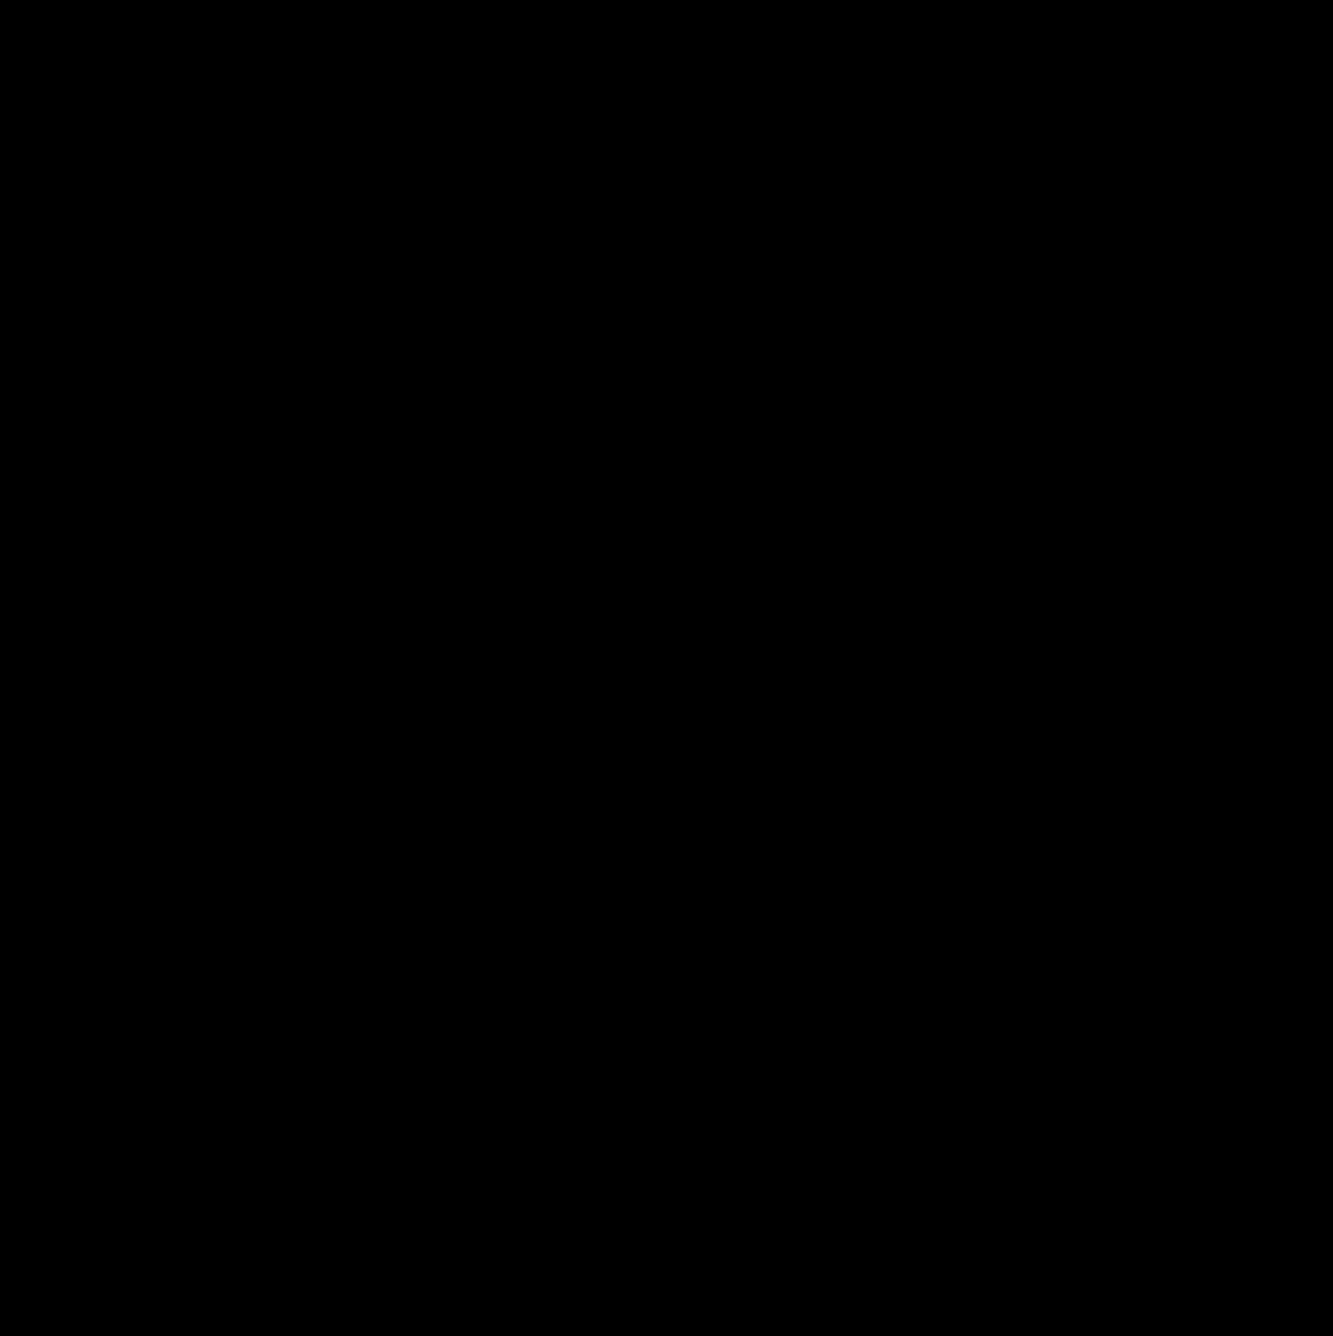 Черный полумесяц картинки